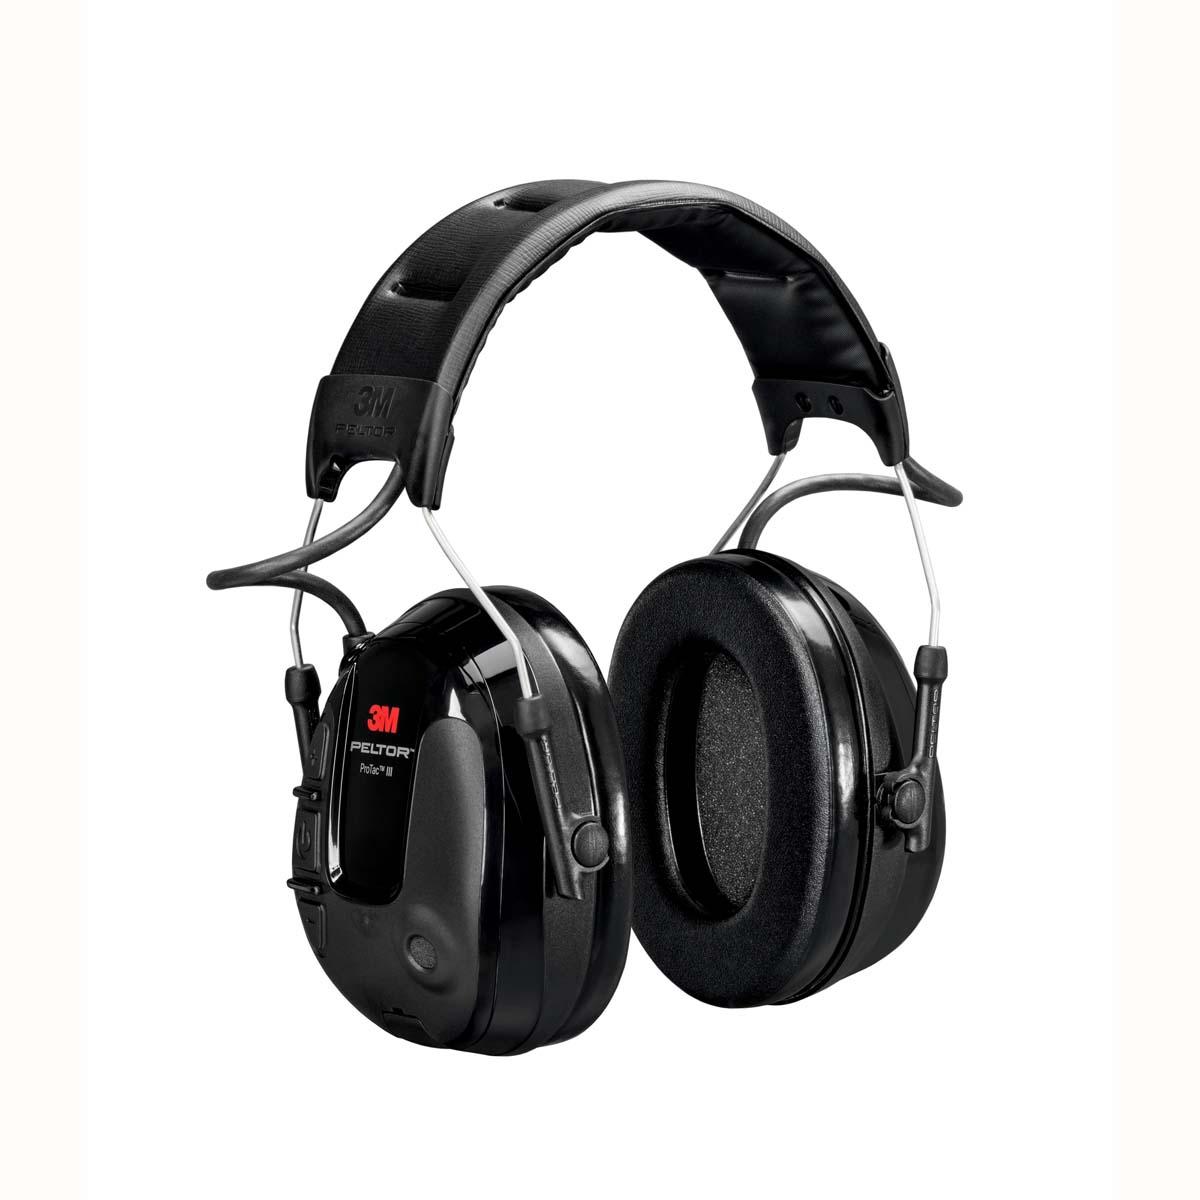 3M PELTOR ProTac III Slim Headset  Black  Headband